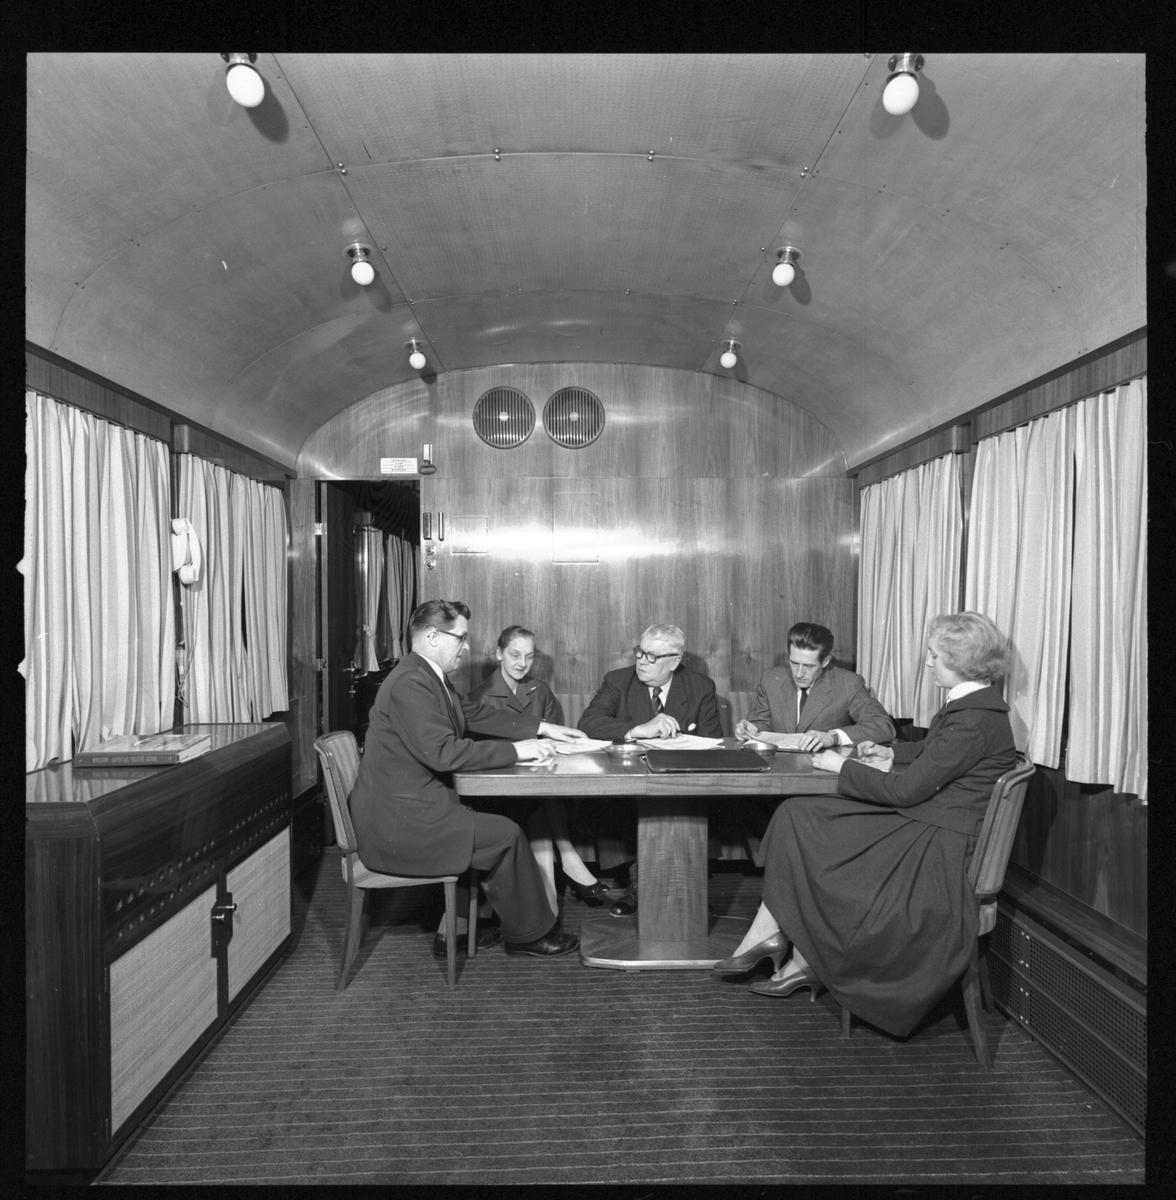 Statens Järnvägar, SJ So3 3945. Konferensrummet i Generaldirektörsvagnen.  SJ salongsvagn användes som representationsvagn av SJ:s generaldirektörer och abonnerades av företag. Gick ett tag som konferensvagn med texten 'Konferens på tåg' på sidan.  Littererades Ao3 vid leverans men littera ändrades till So3 1956. Vagnen användes även i det så kallade Dollartåget. Vagnen finns bevarad på Sveriges Järnvägsmuseum.